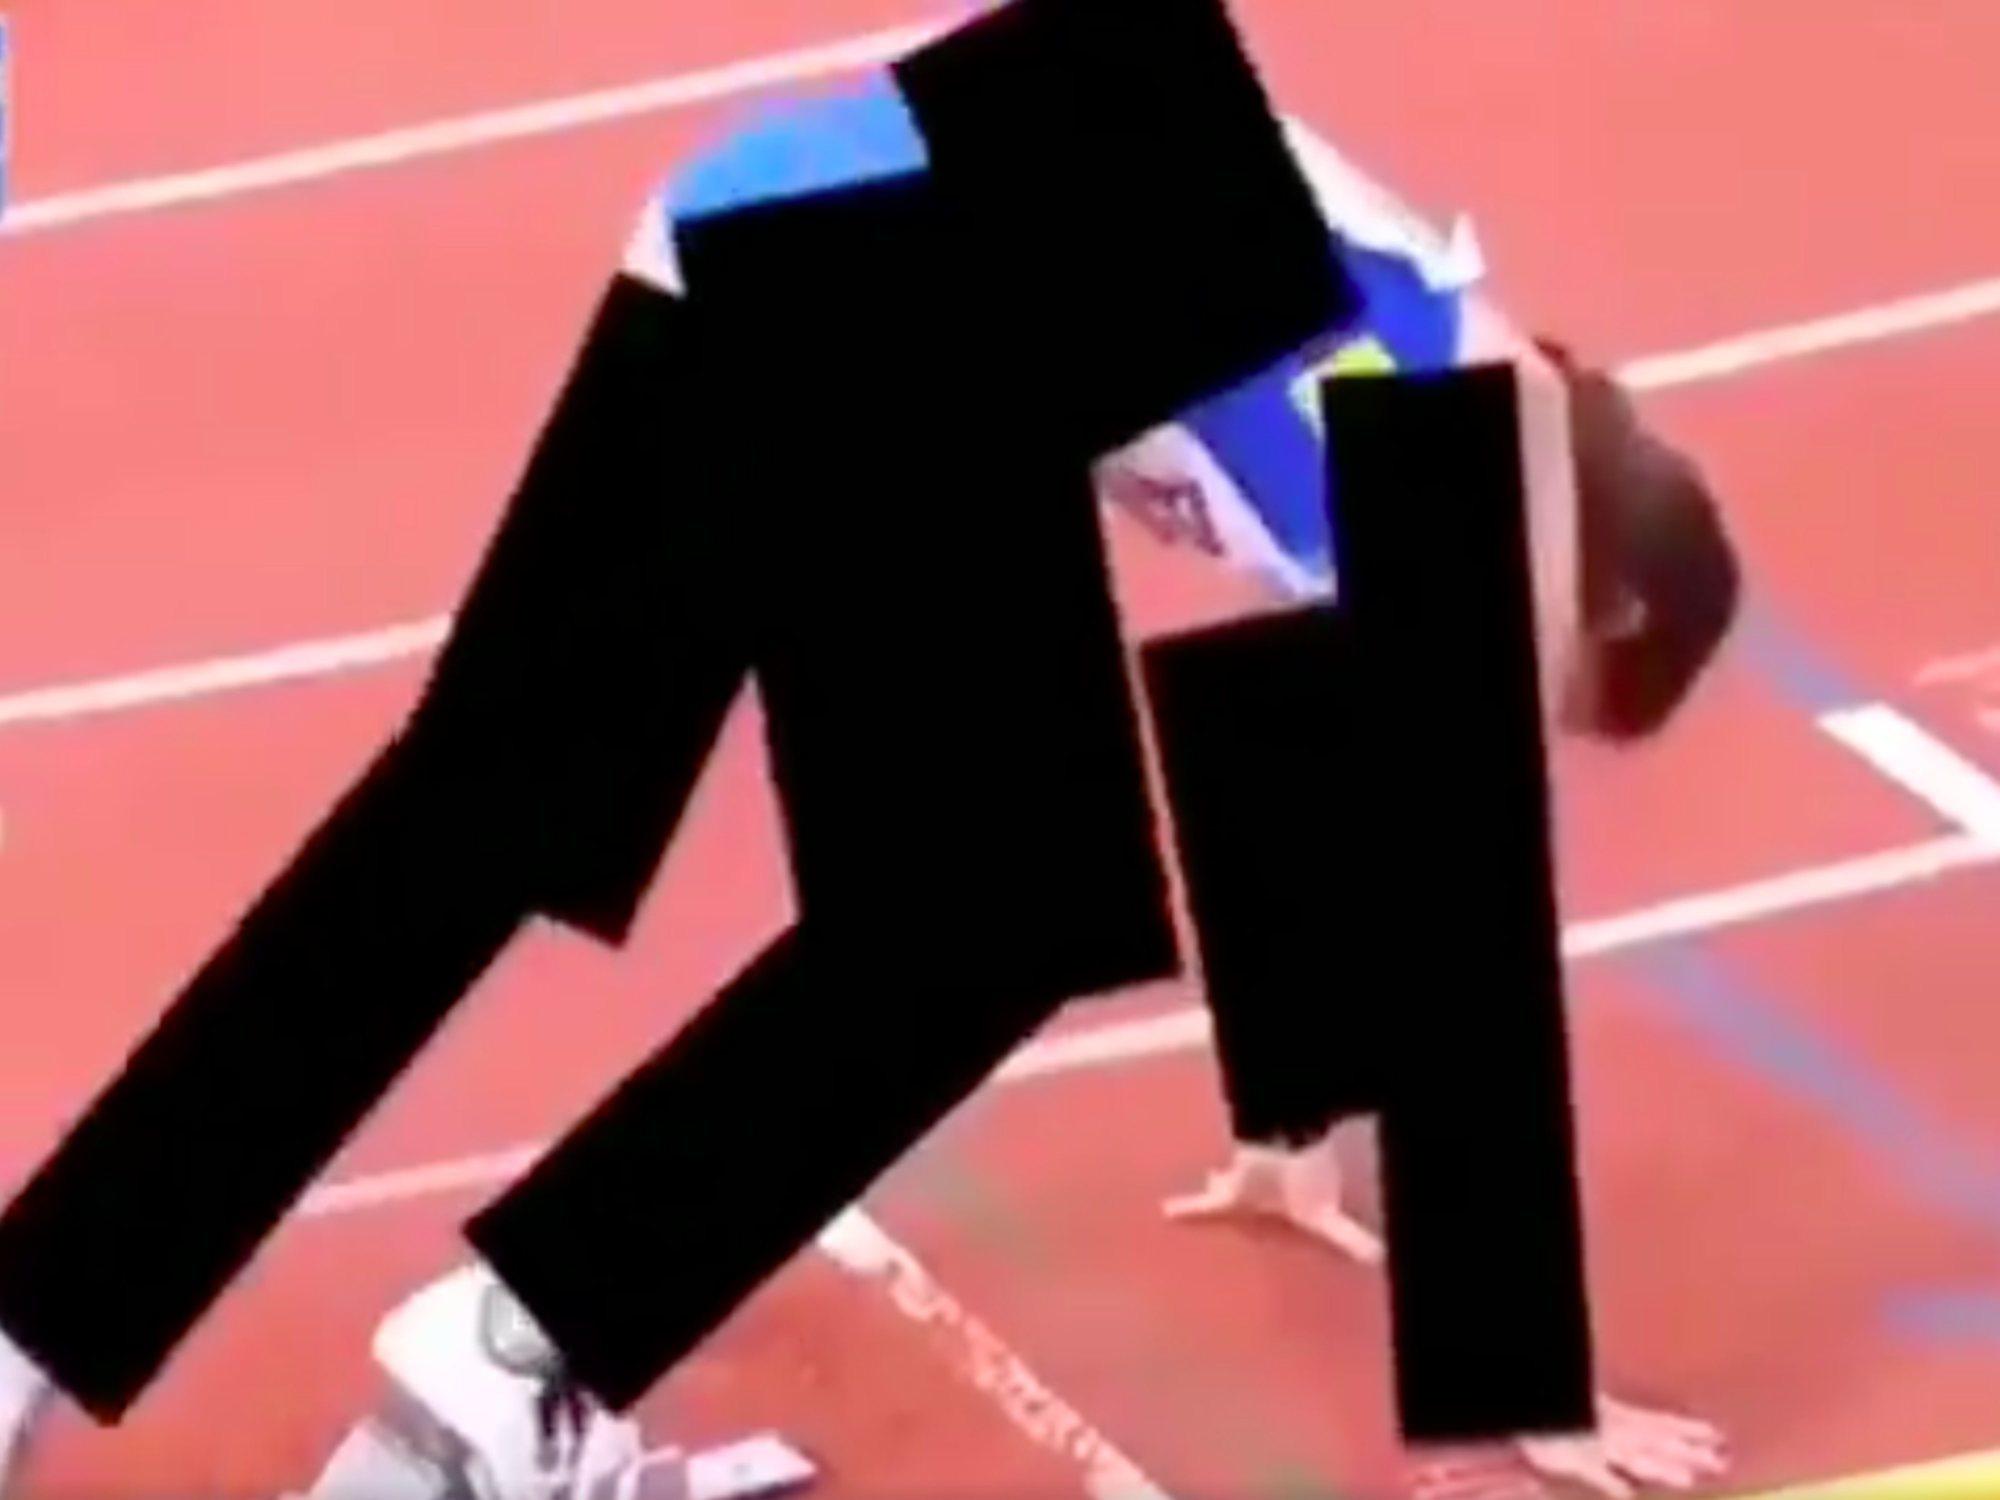 Nuevo bulo: el vídeo de las atletas censuradas es antiguo y no es de la tele iraní